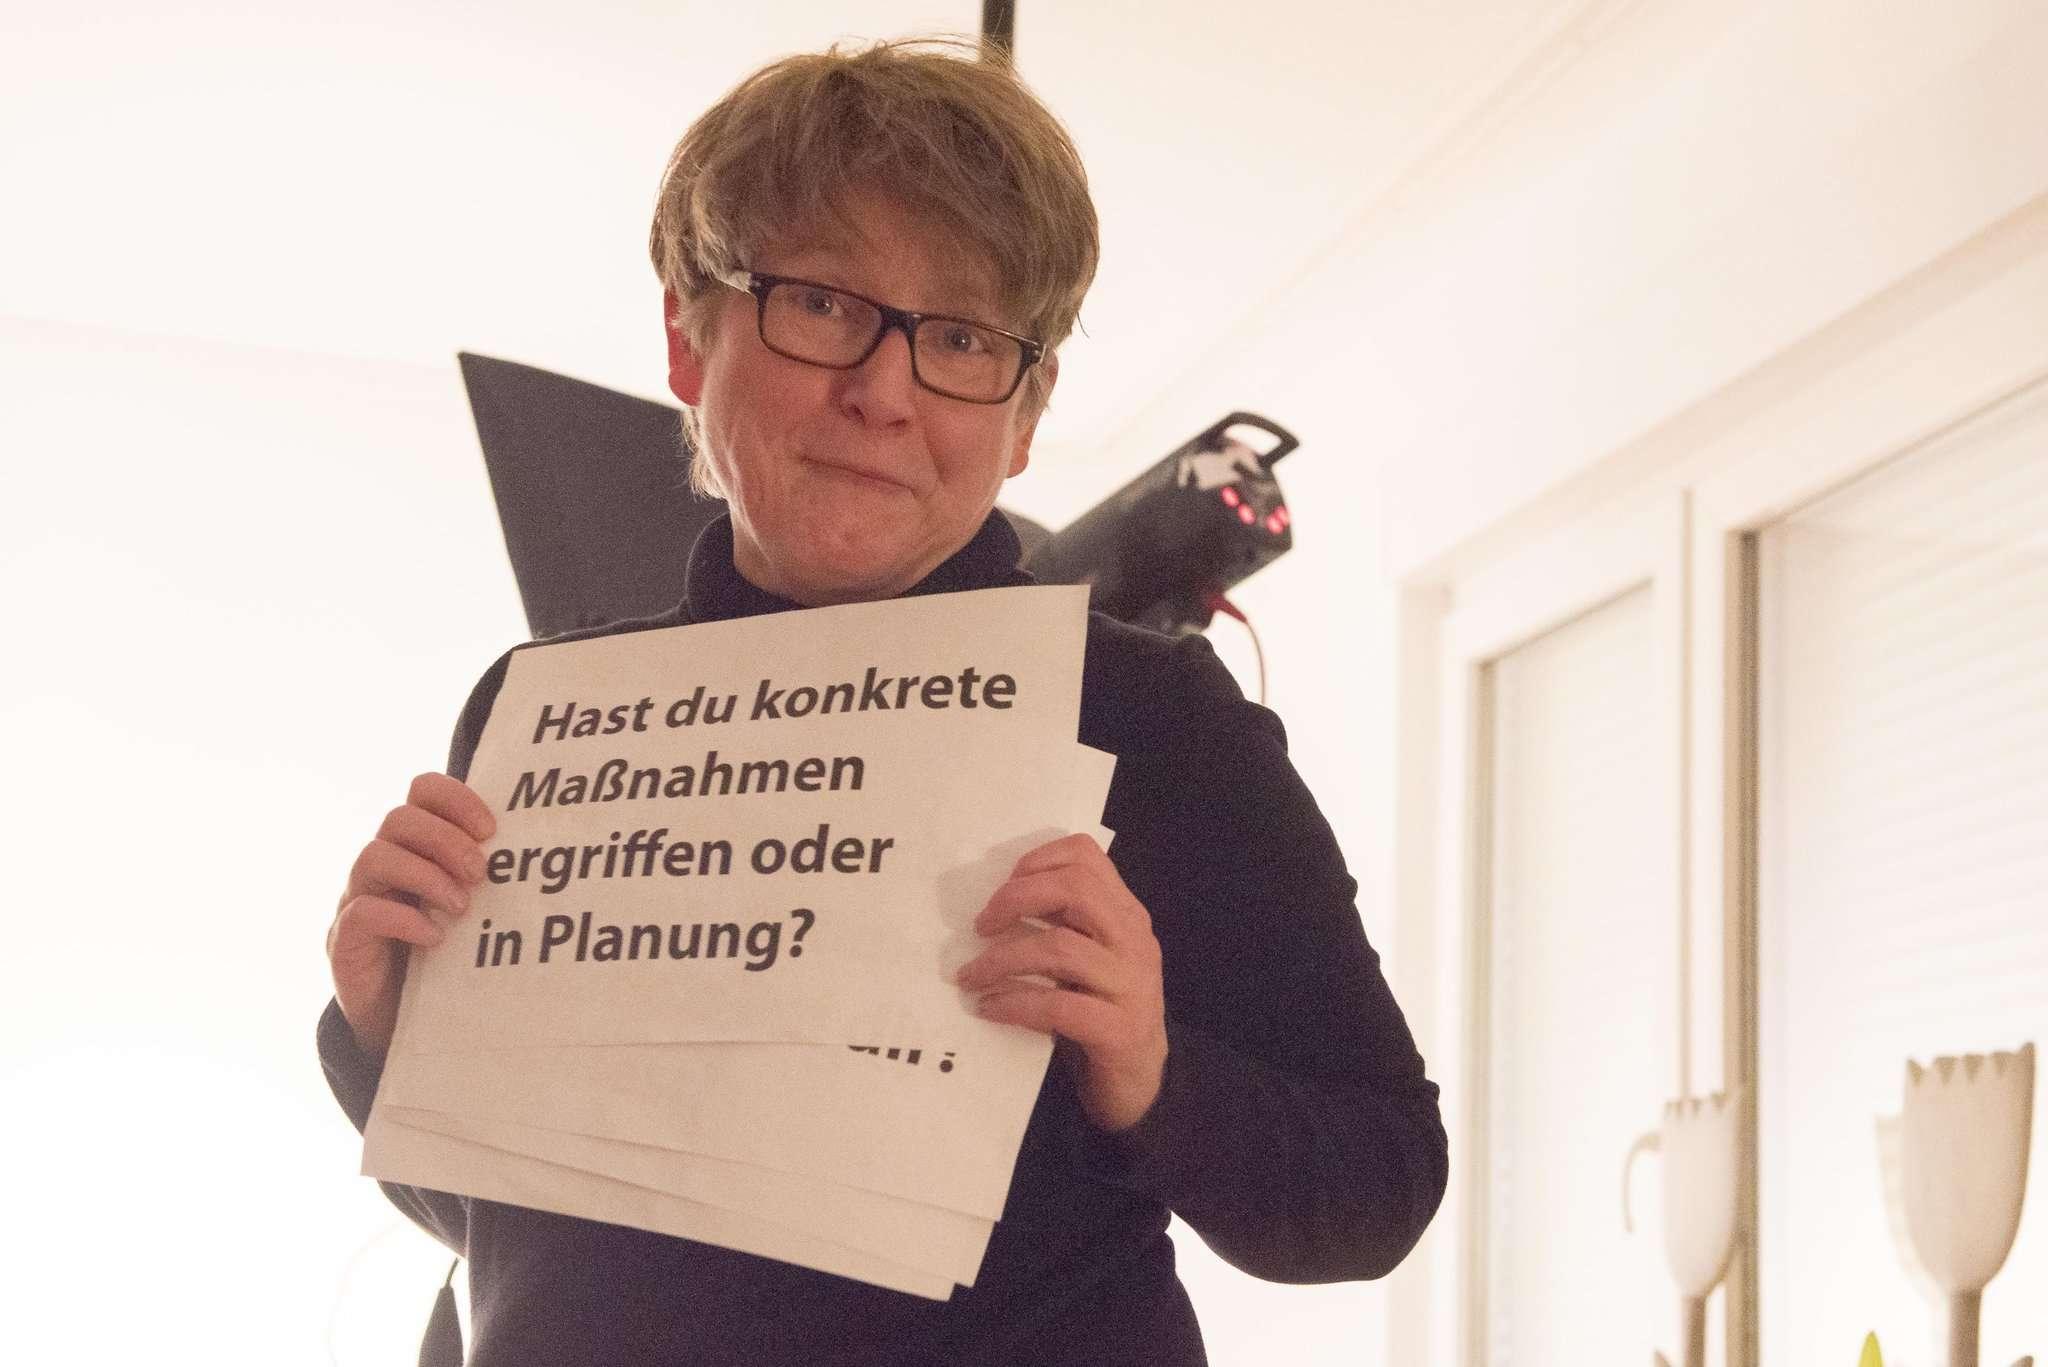 Gedankenstütze während des Drehs: Die Fragen hält Anja Lohmann hinter der Kamera hoch.